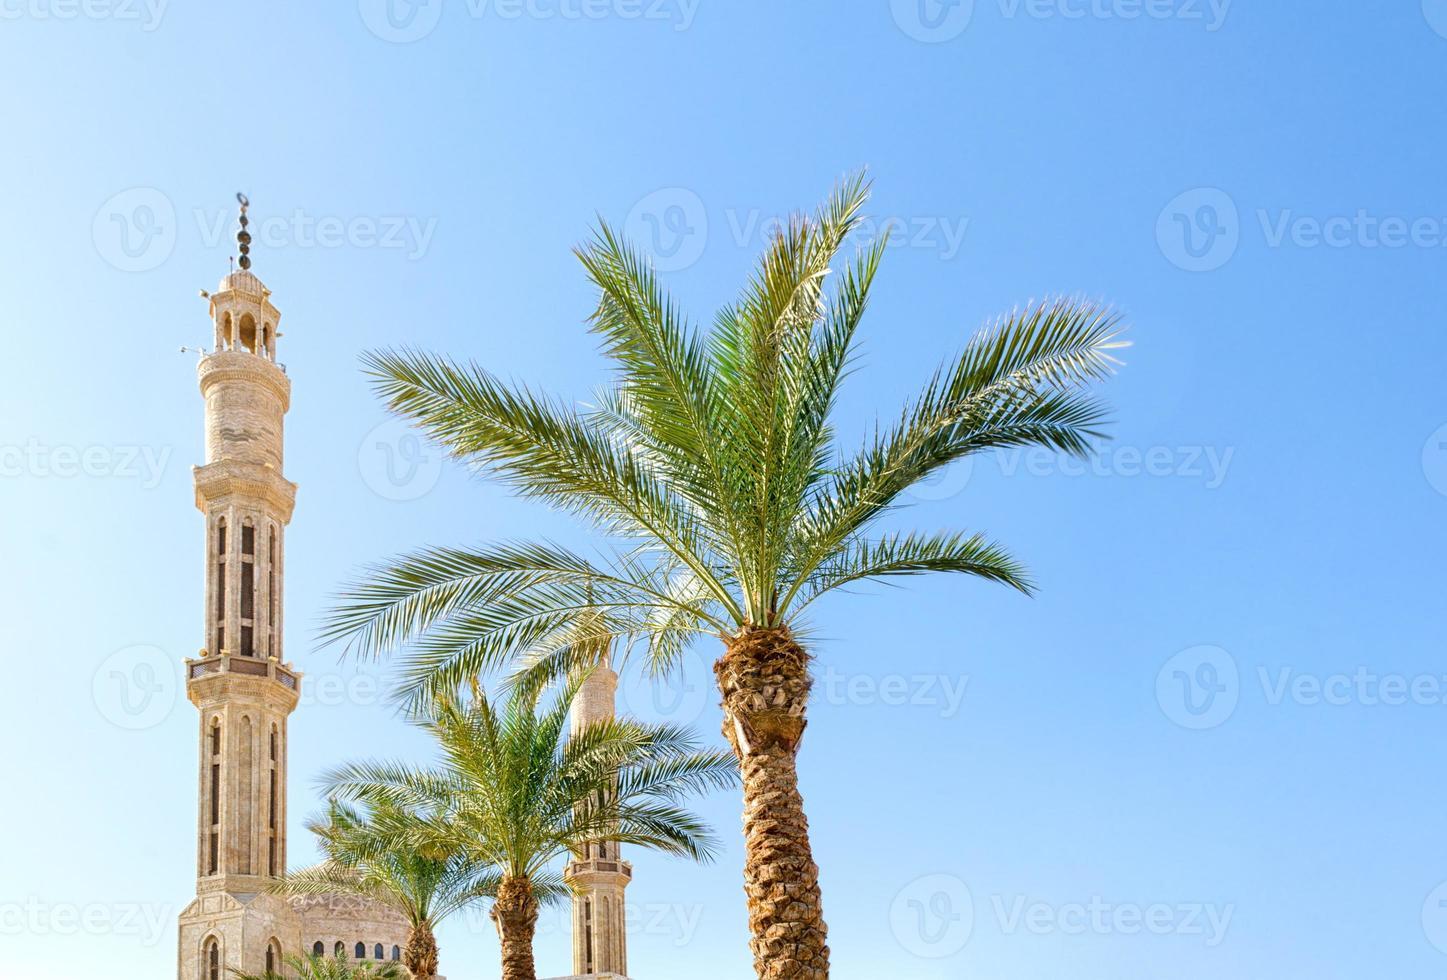 moskee en groene palmbomen foto